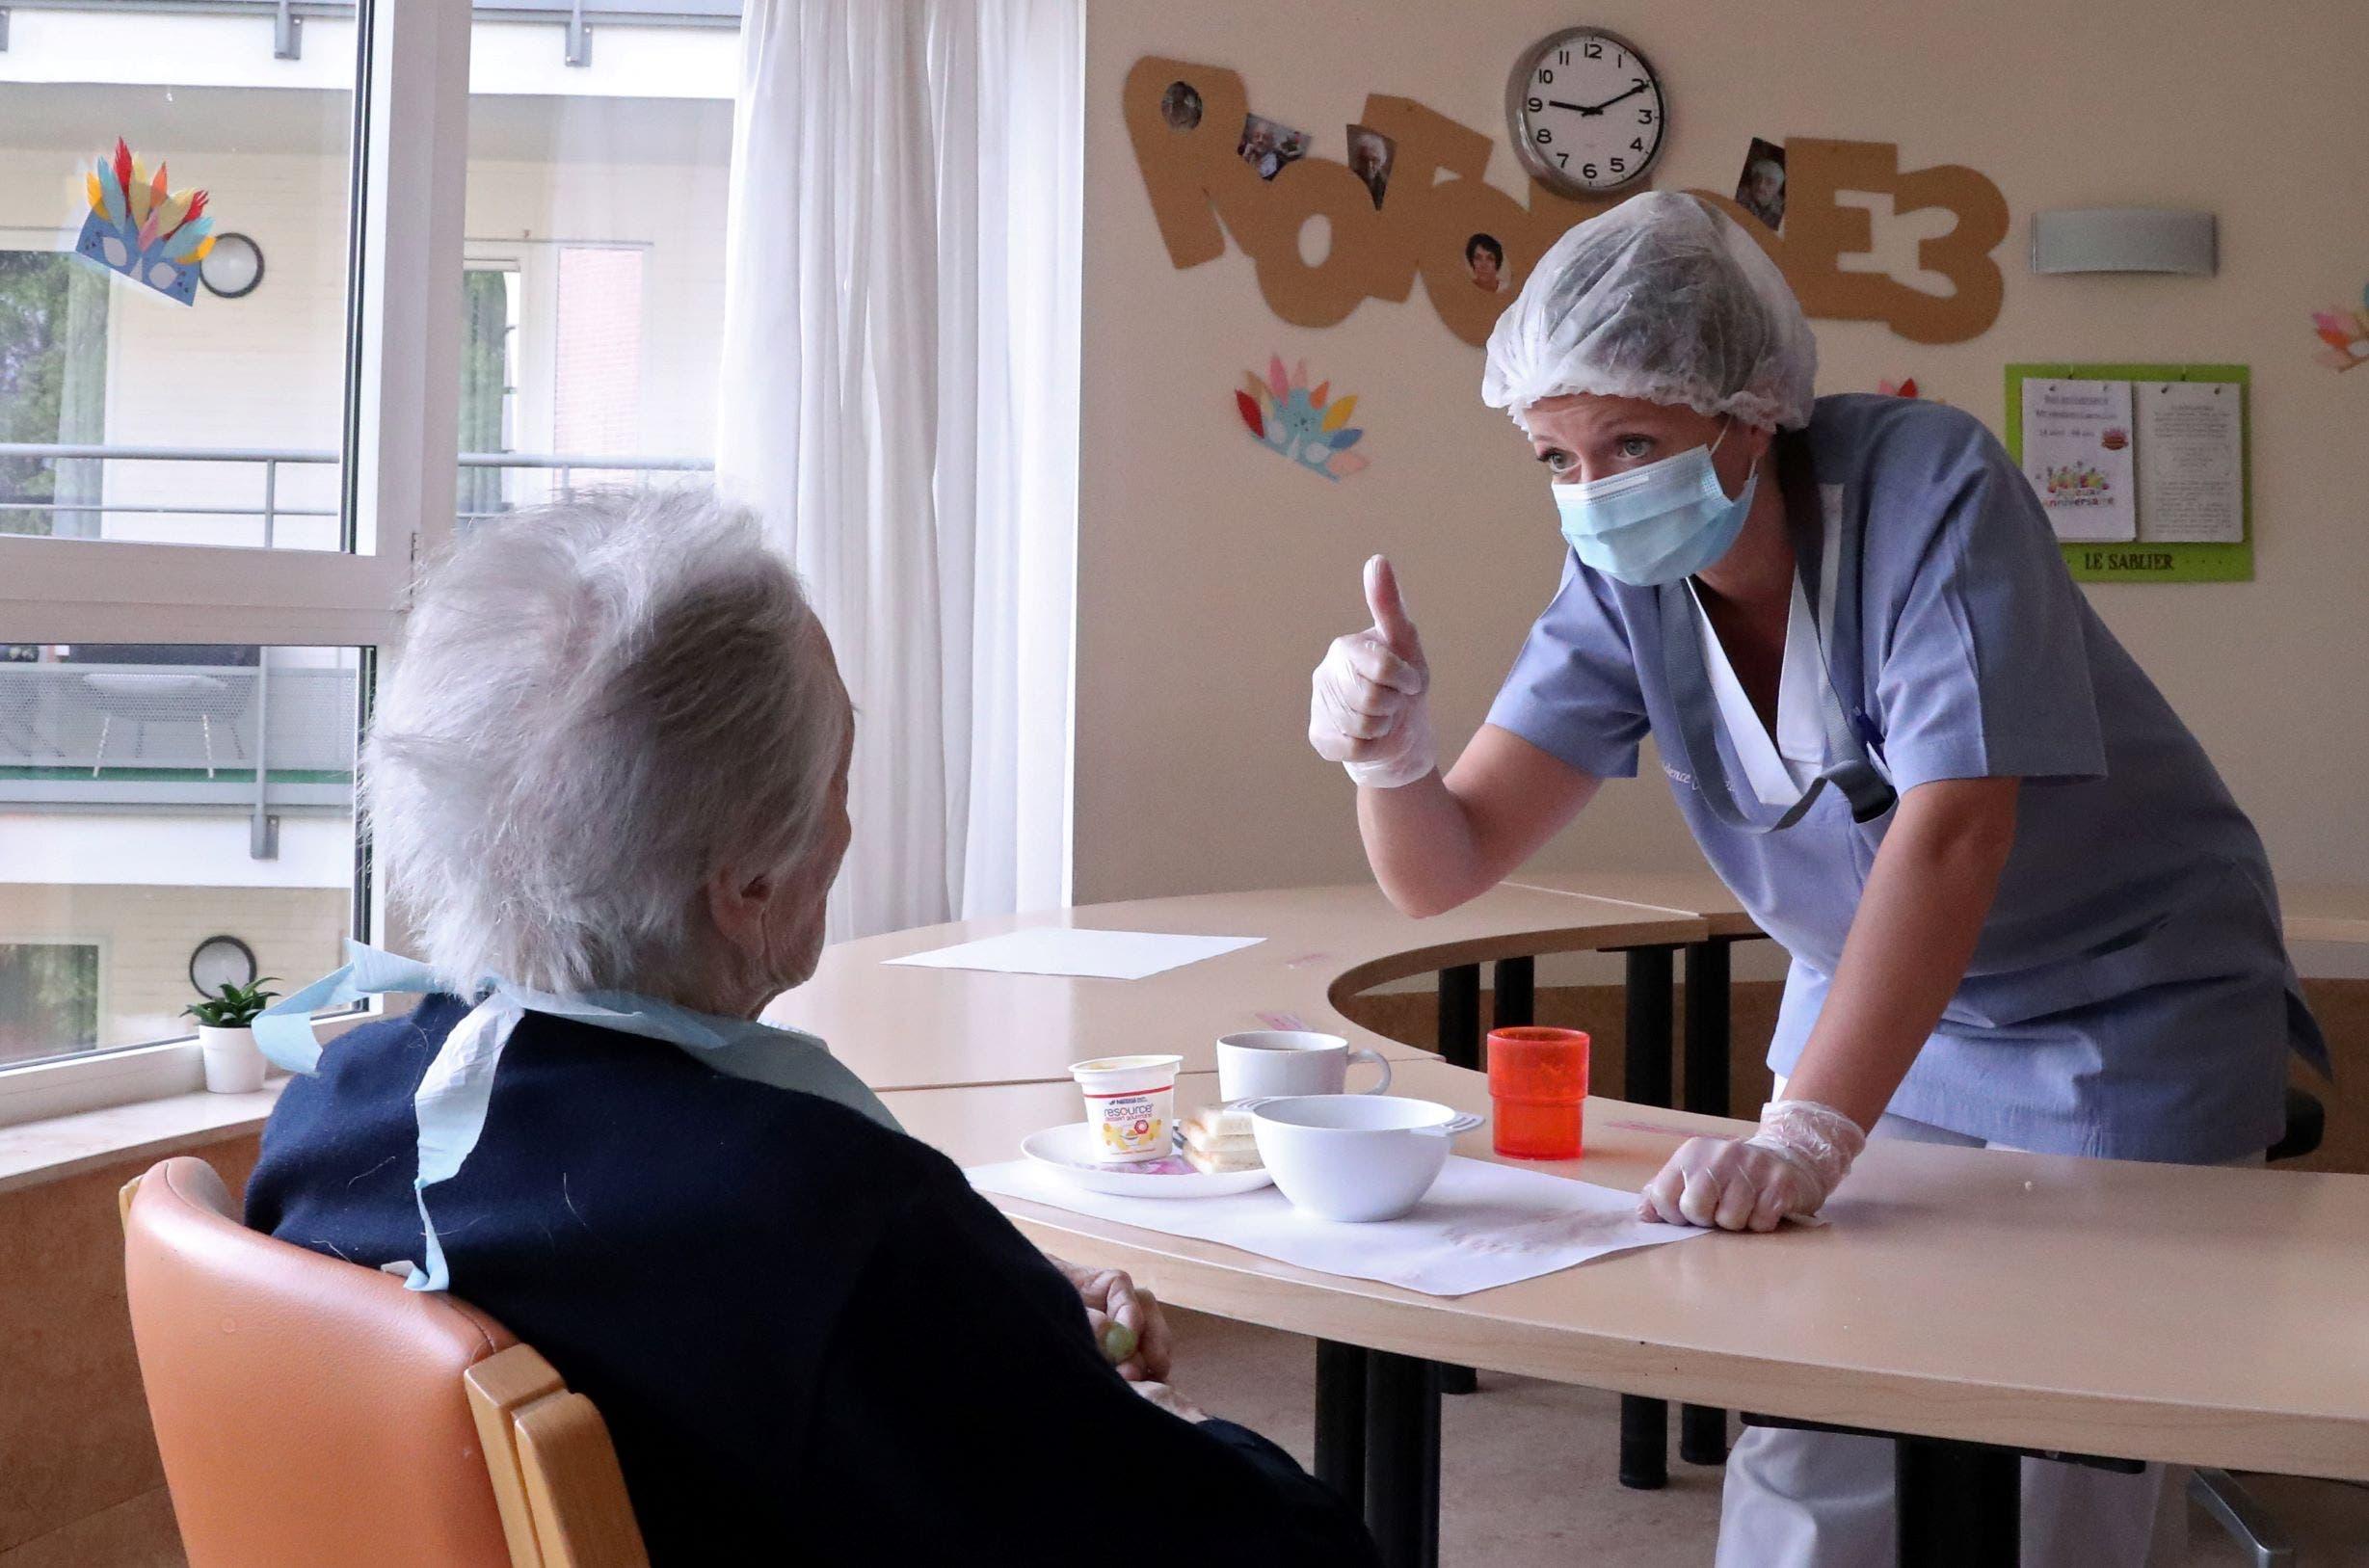 في دار للمسننين (رويترز)